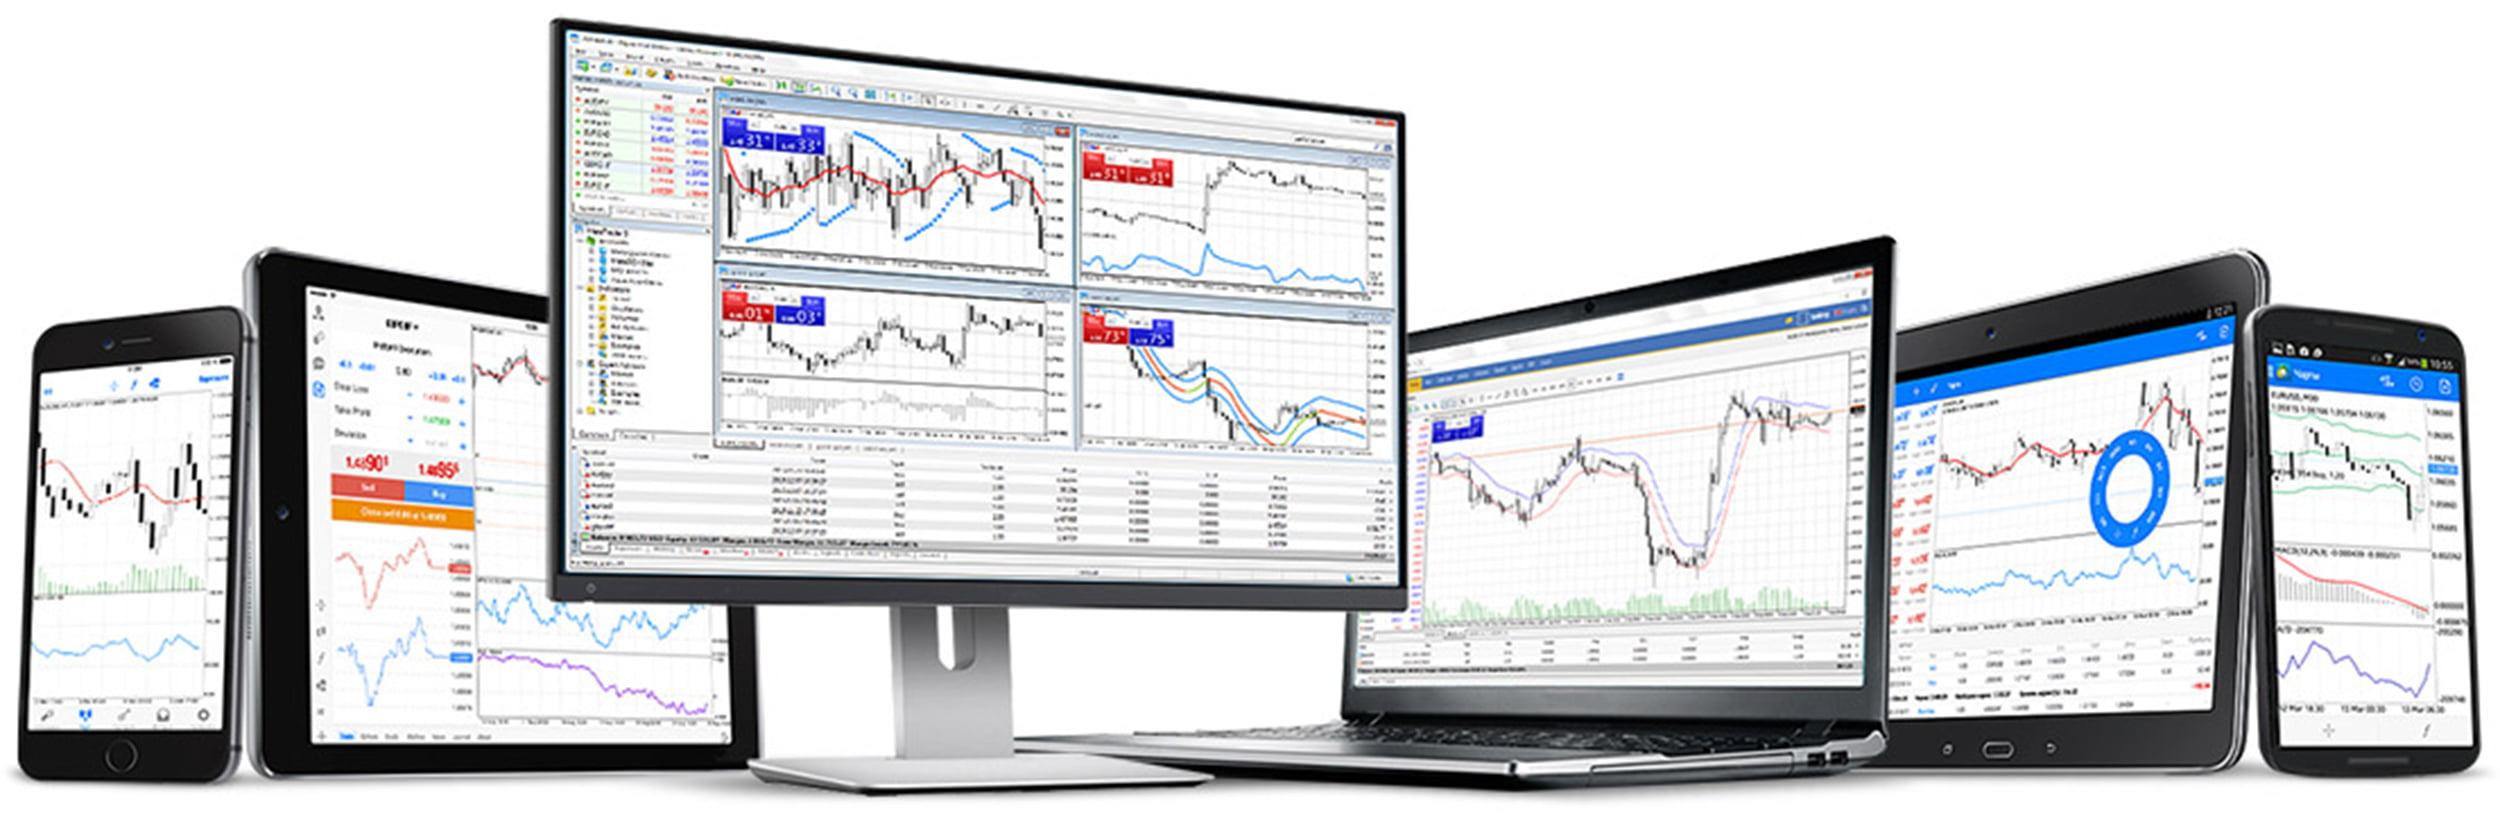 Торговая платформа Metatrader 5. Возможности терминала и отзывы пользователей